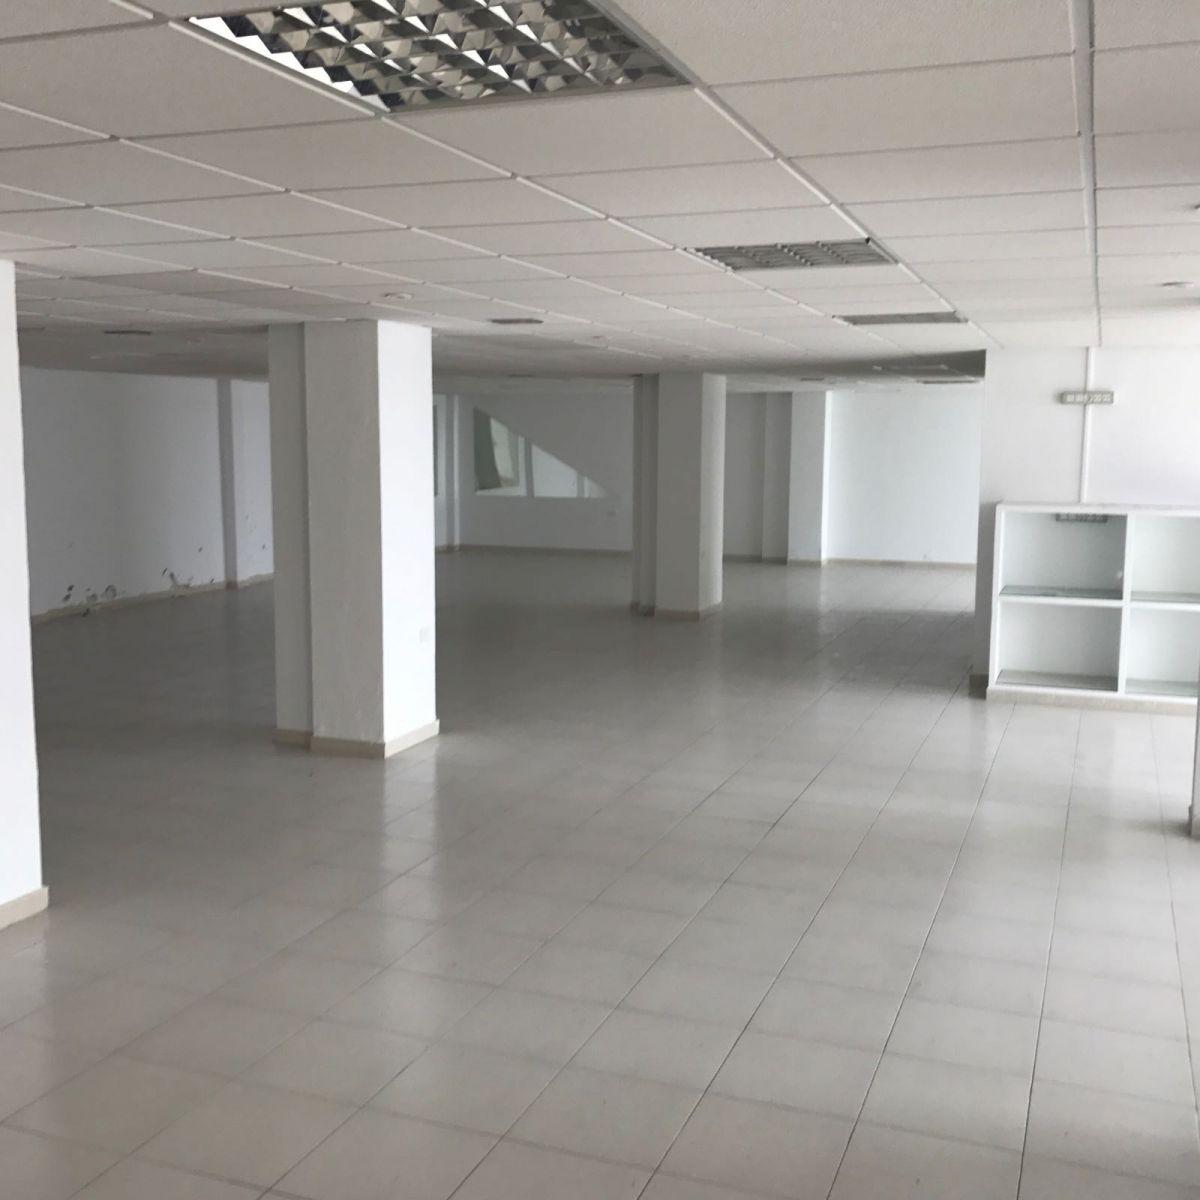 Local en alquiler larga duración con 748 m2, 2 dormitorios  en Extrarr